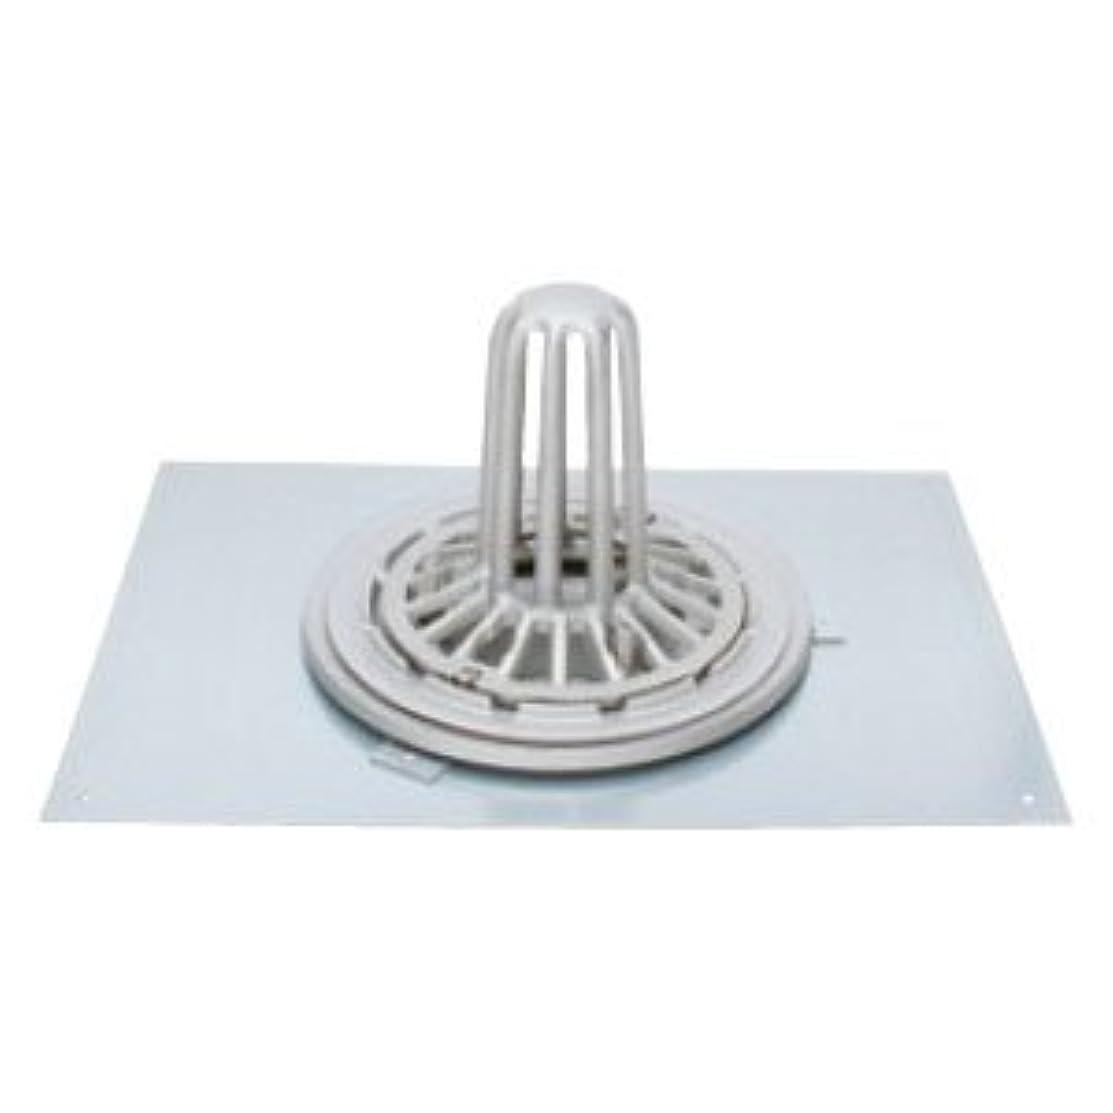 強制的シャーロットブロンテクレアカネソウ ステンレス鋳鋼製ルーフドレイン たて引き用 鋼製下地断熱屋根工法用 屋上用(呼称150) ESSP-6-150